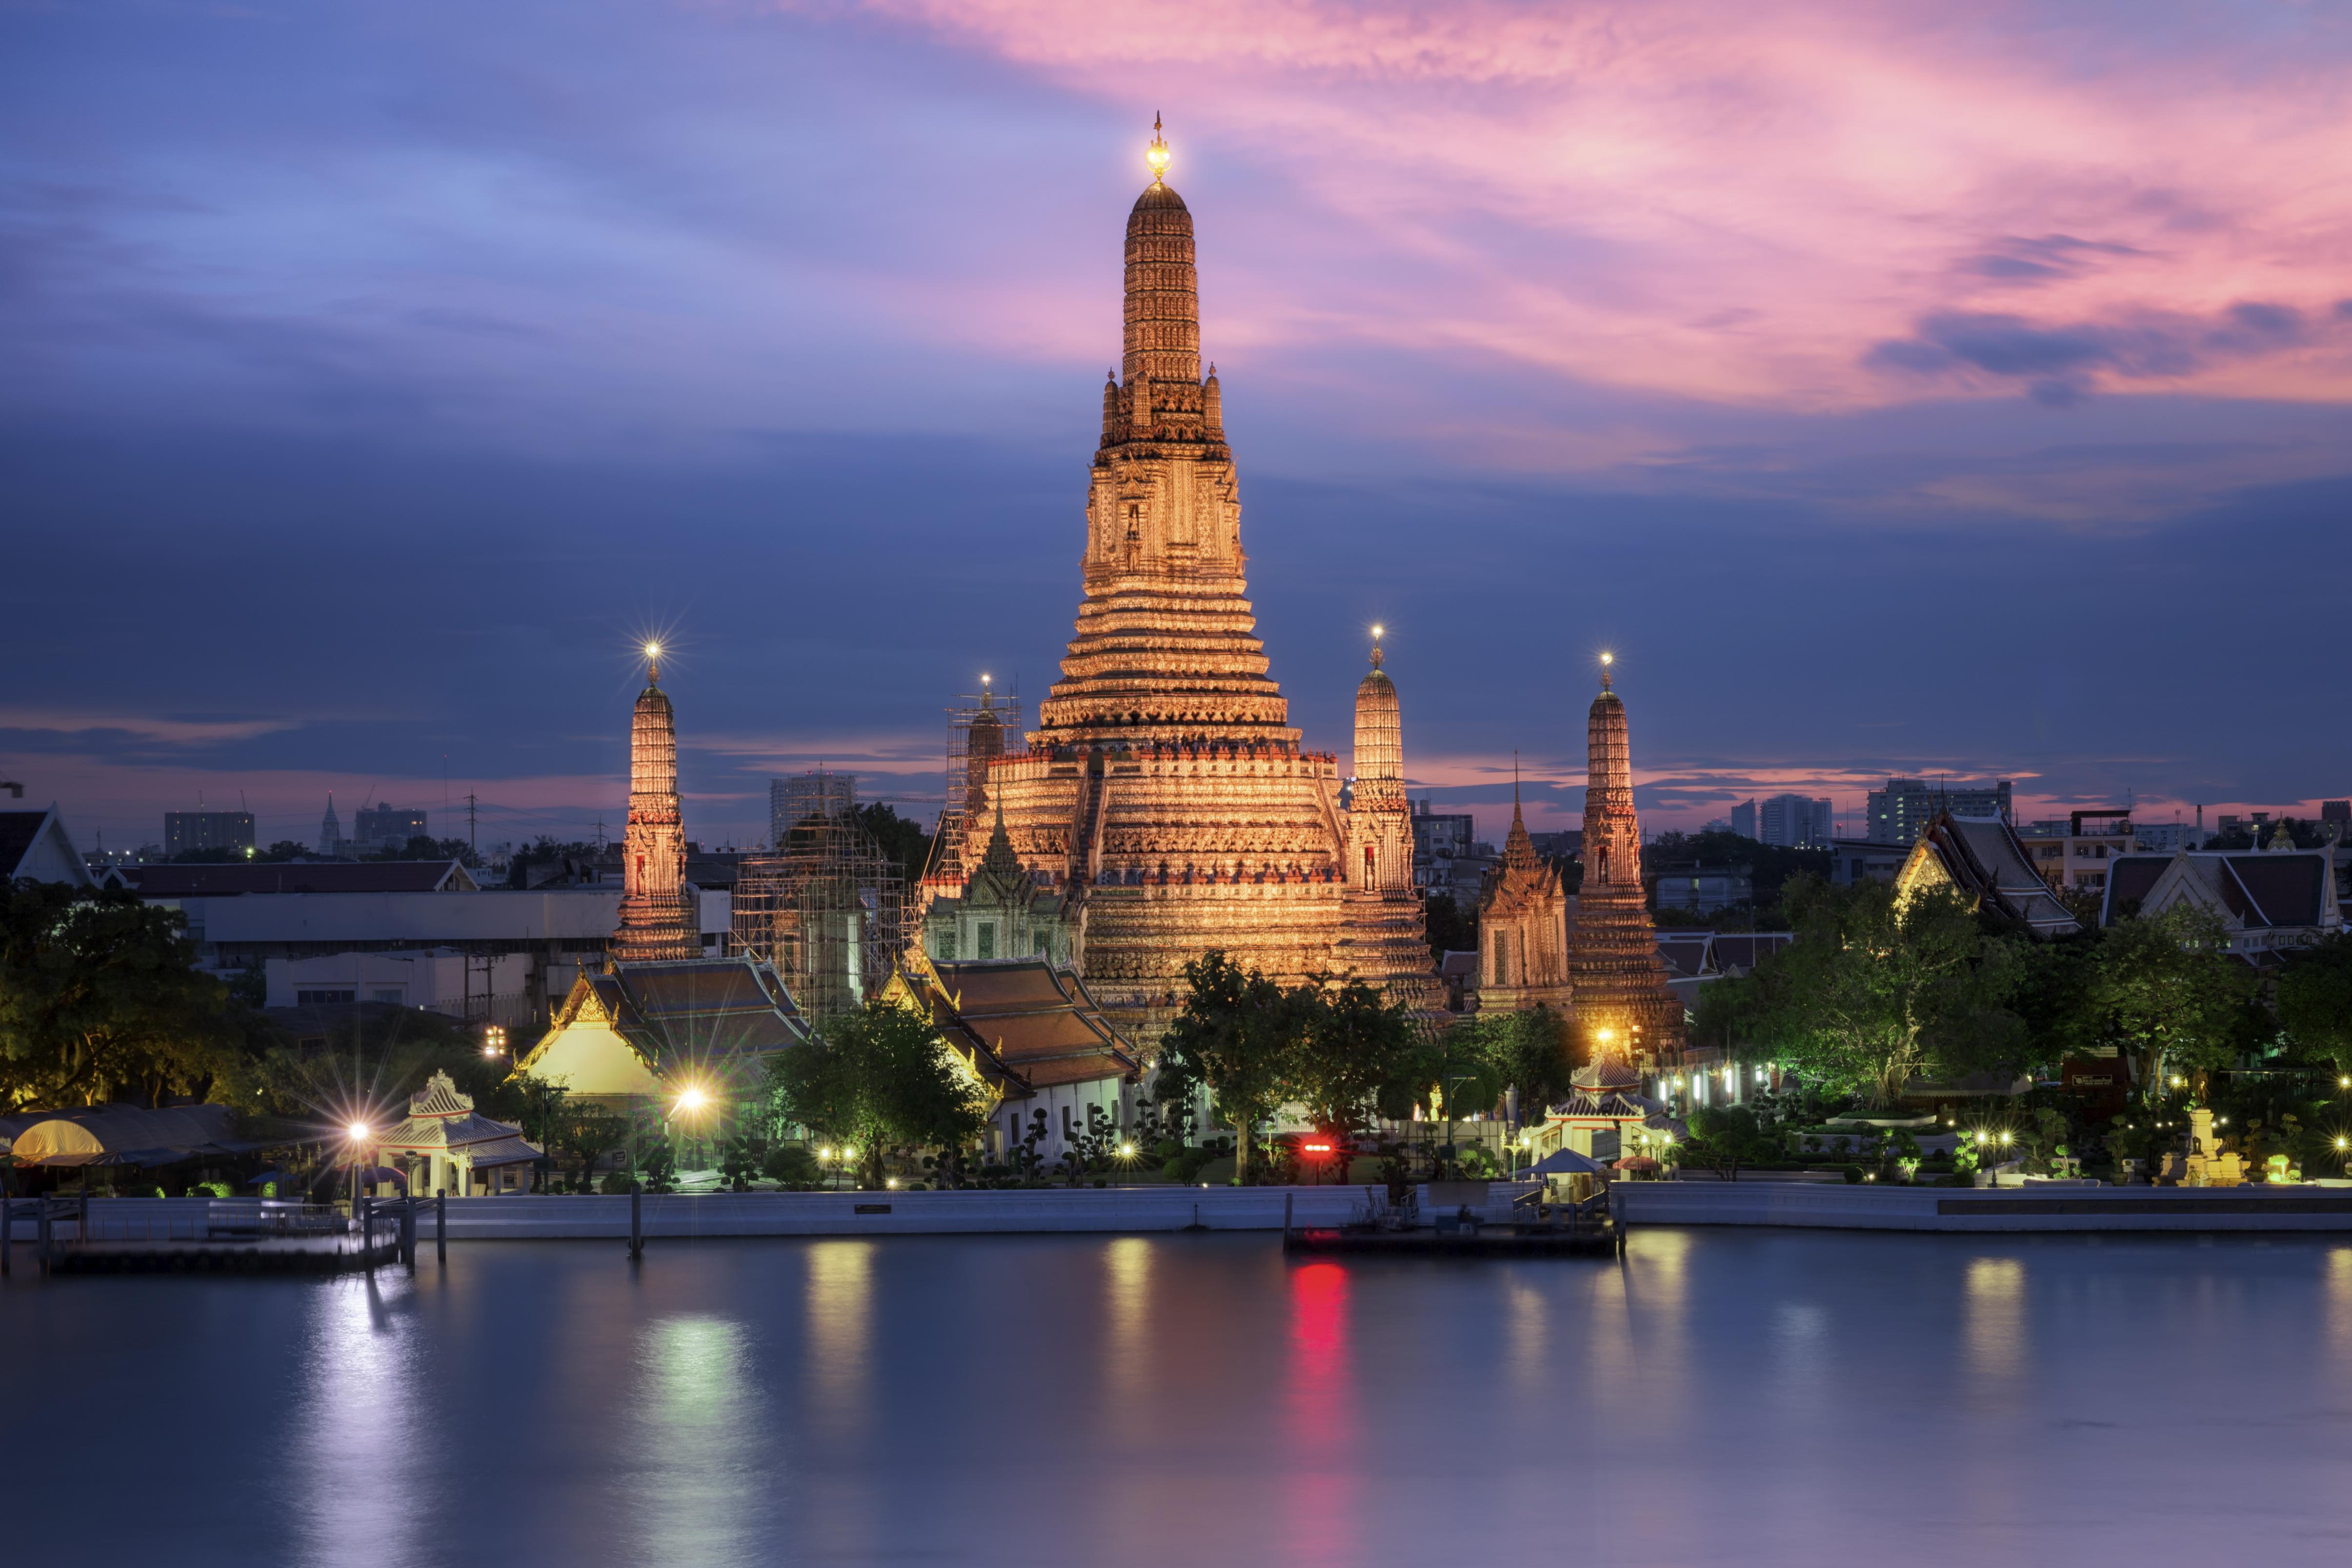 [홈쇼핑 따라잡기]방콕/파타야+전통안마+코끼리트래킹  5일